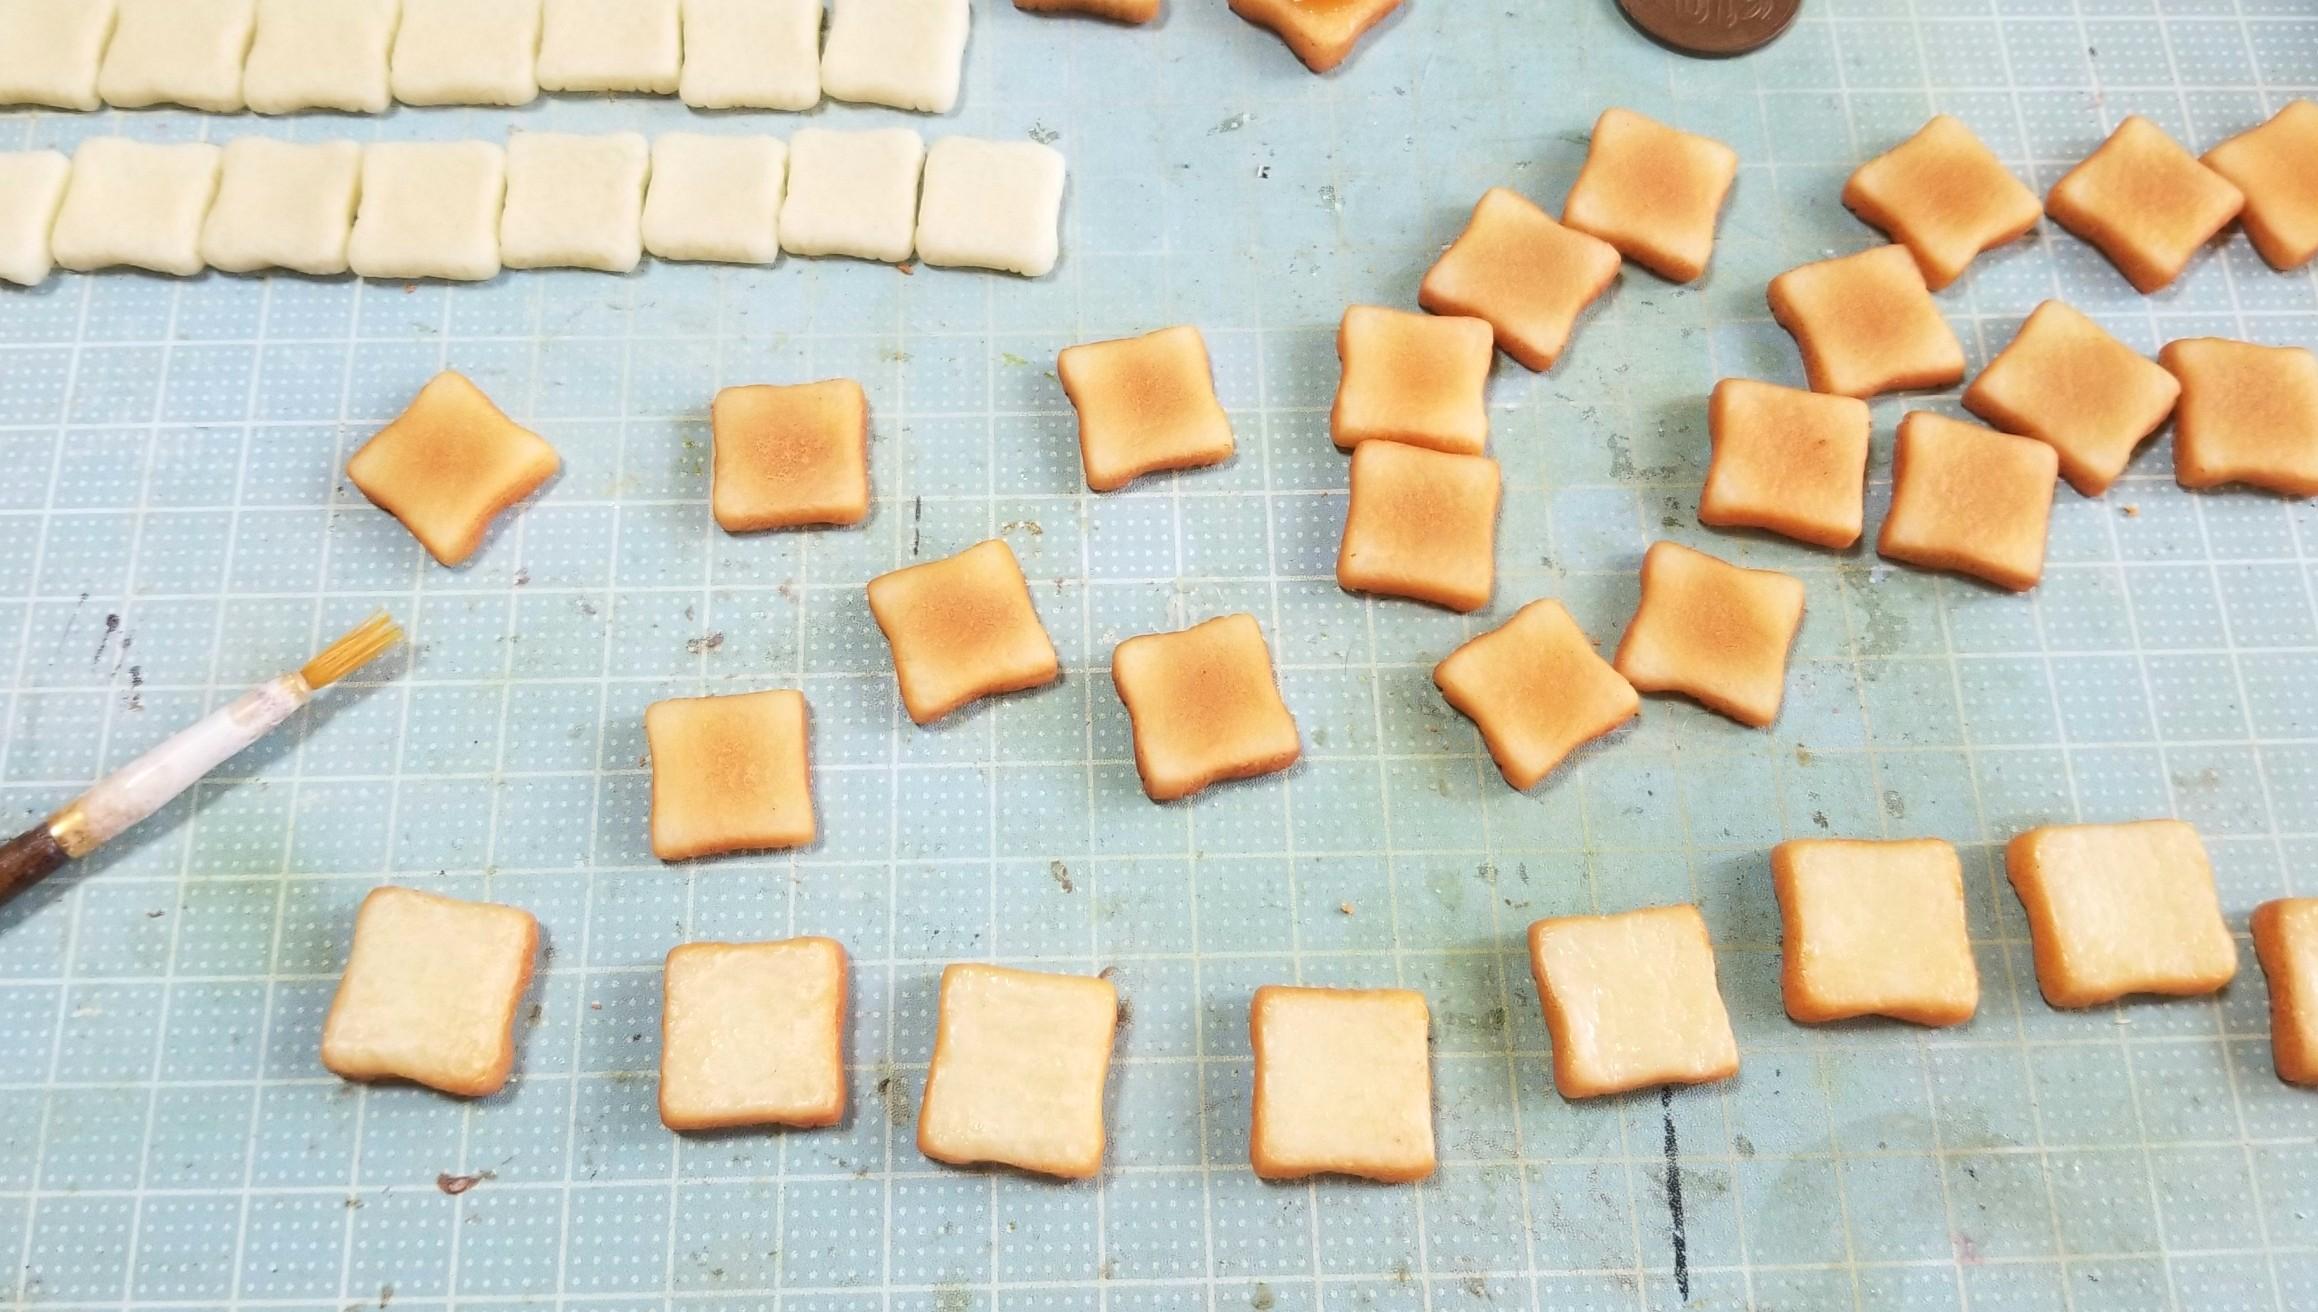 ミニチュアの作り方,トーストの作り方,こんがり,焼きたて,樹脂粘土